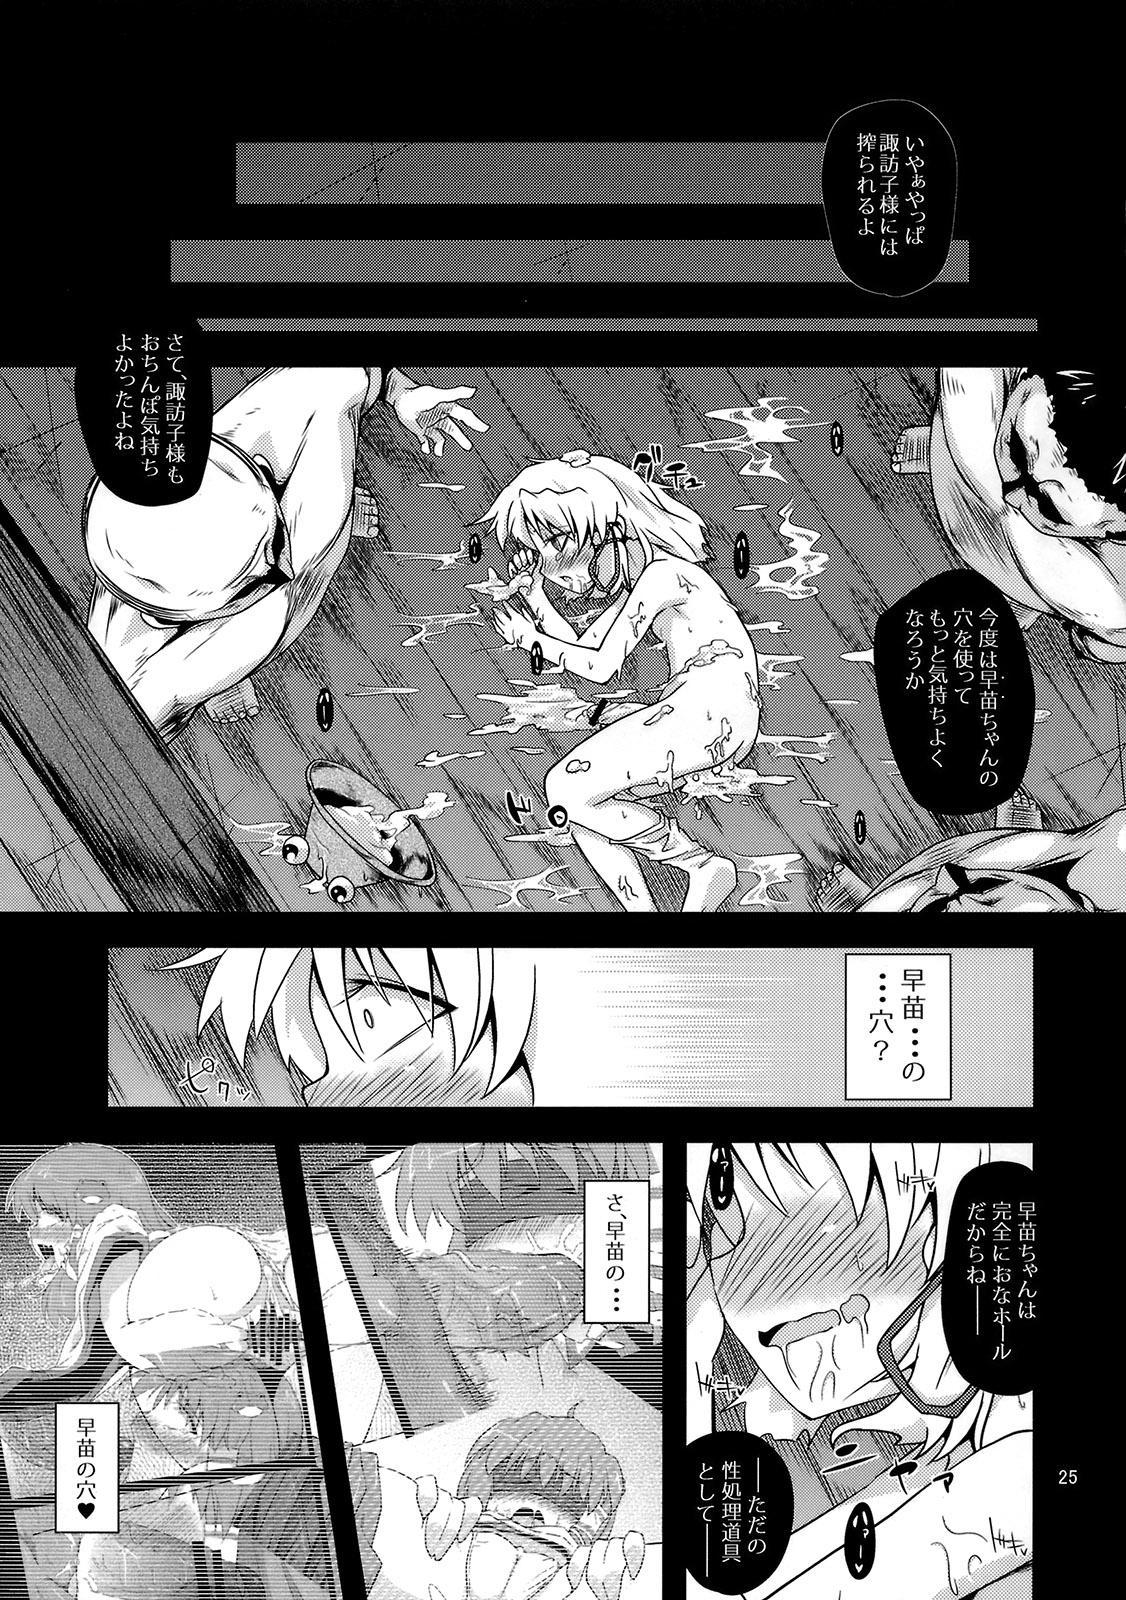 (Reitaisai 8) [Happiness Milk (Obyaa)] Nikuyokugami Gyoushin - New carnal story - Zen (Touhou Project) 23